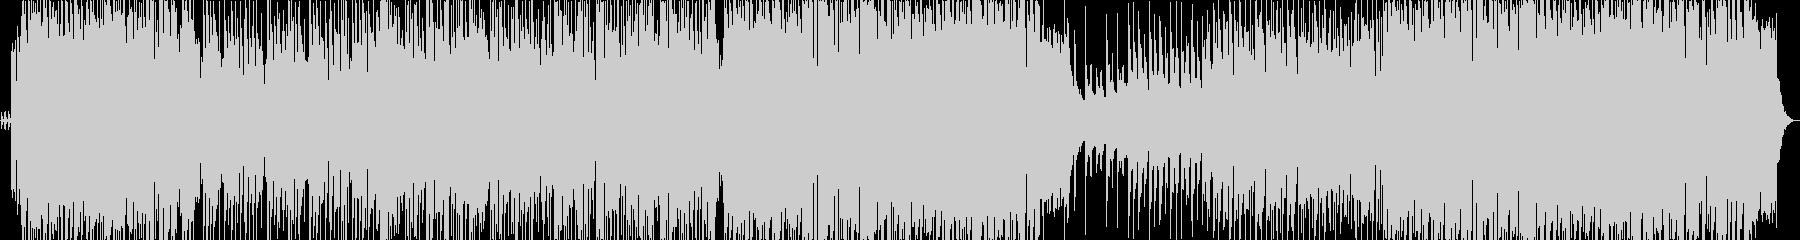 三拍子、軽快なケルト風の曲の未再生の波形